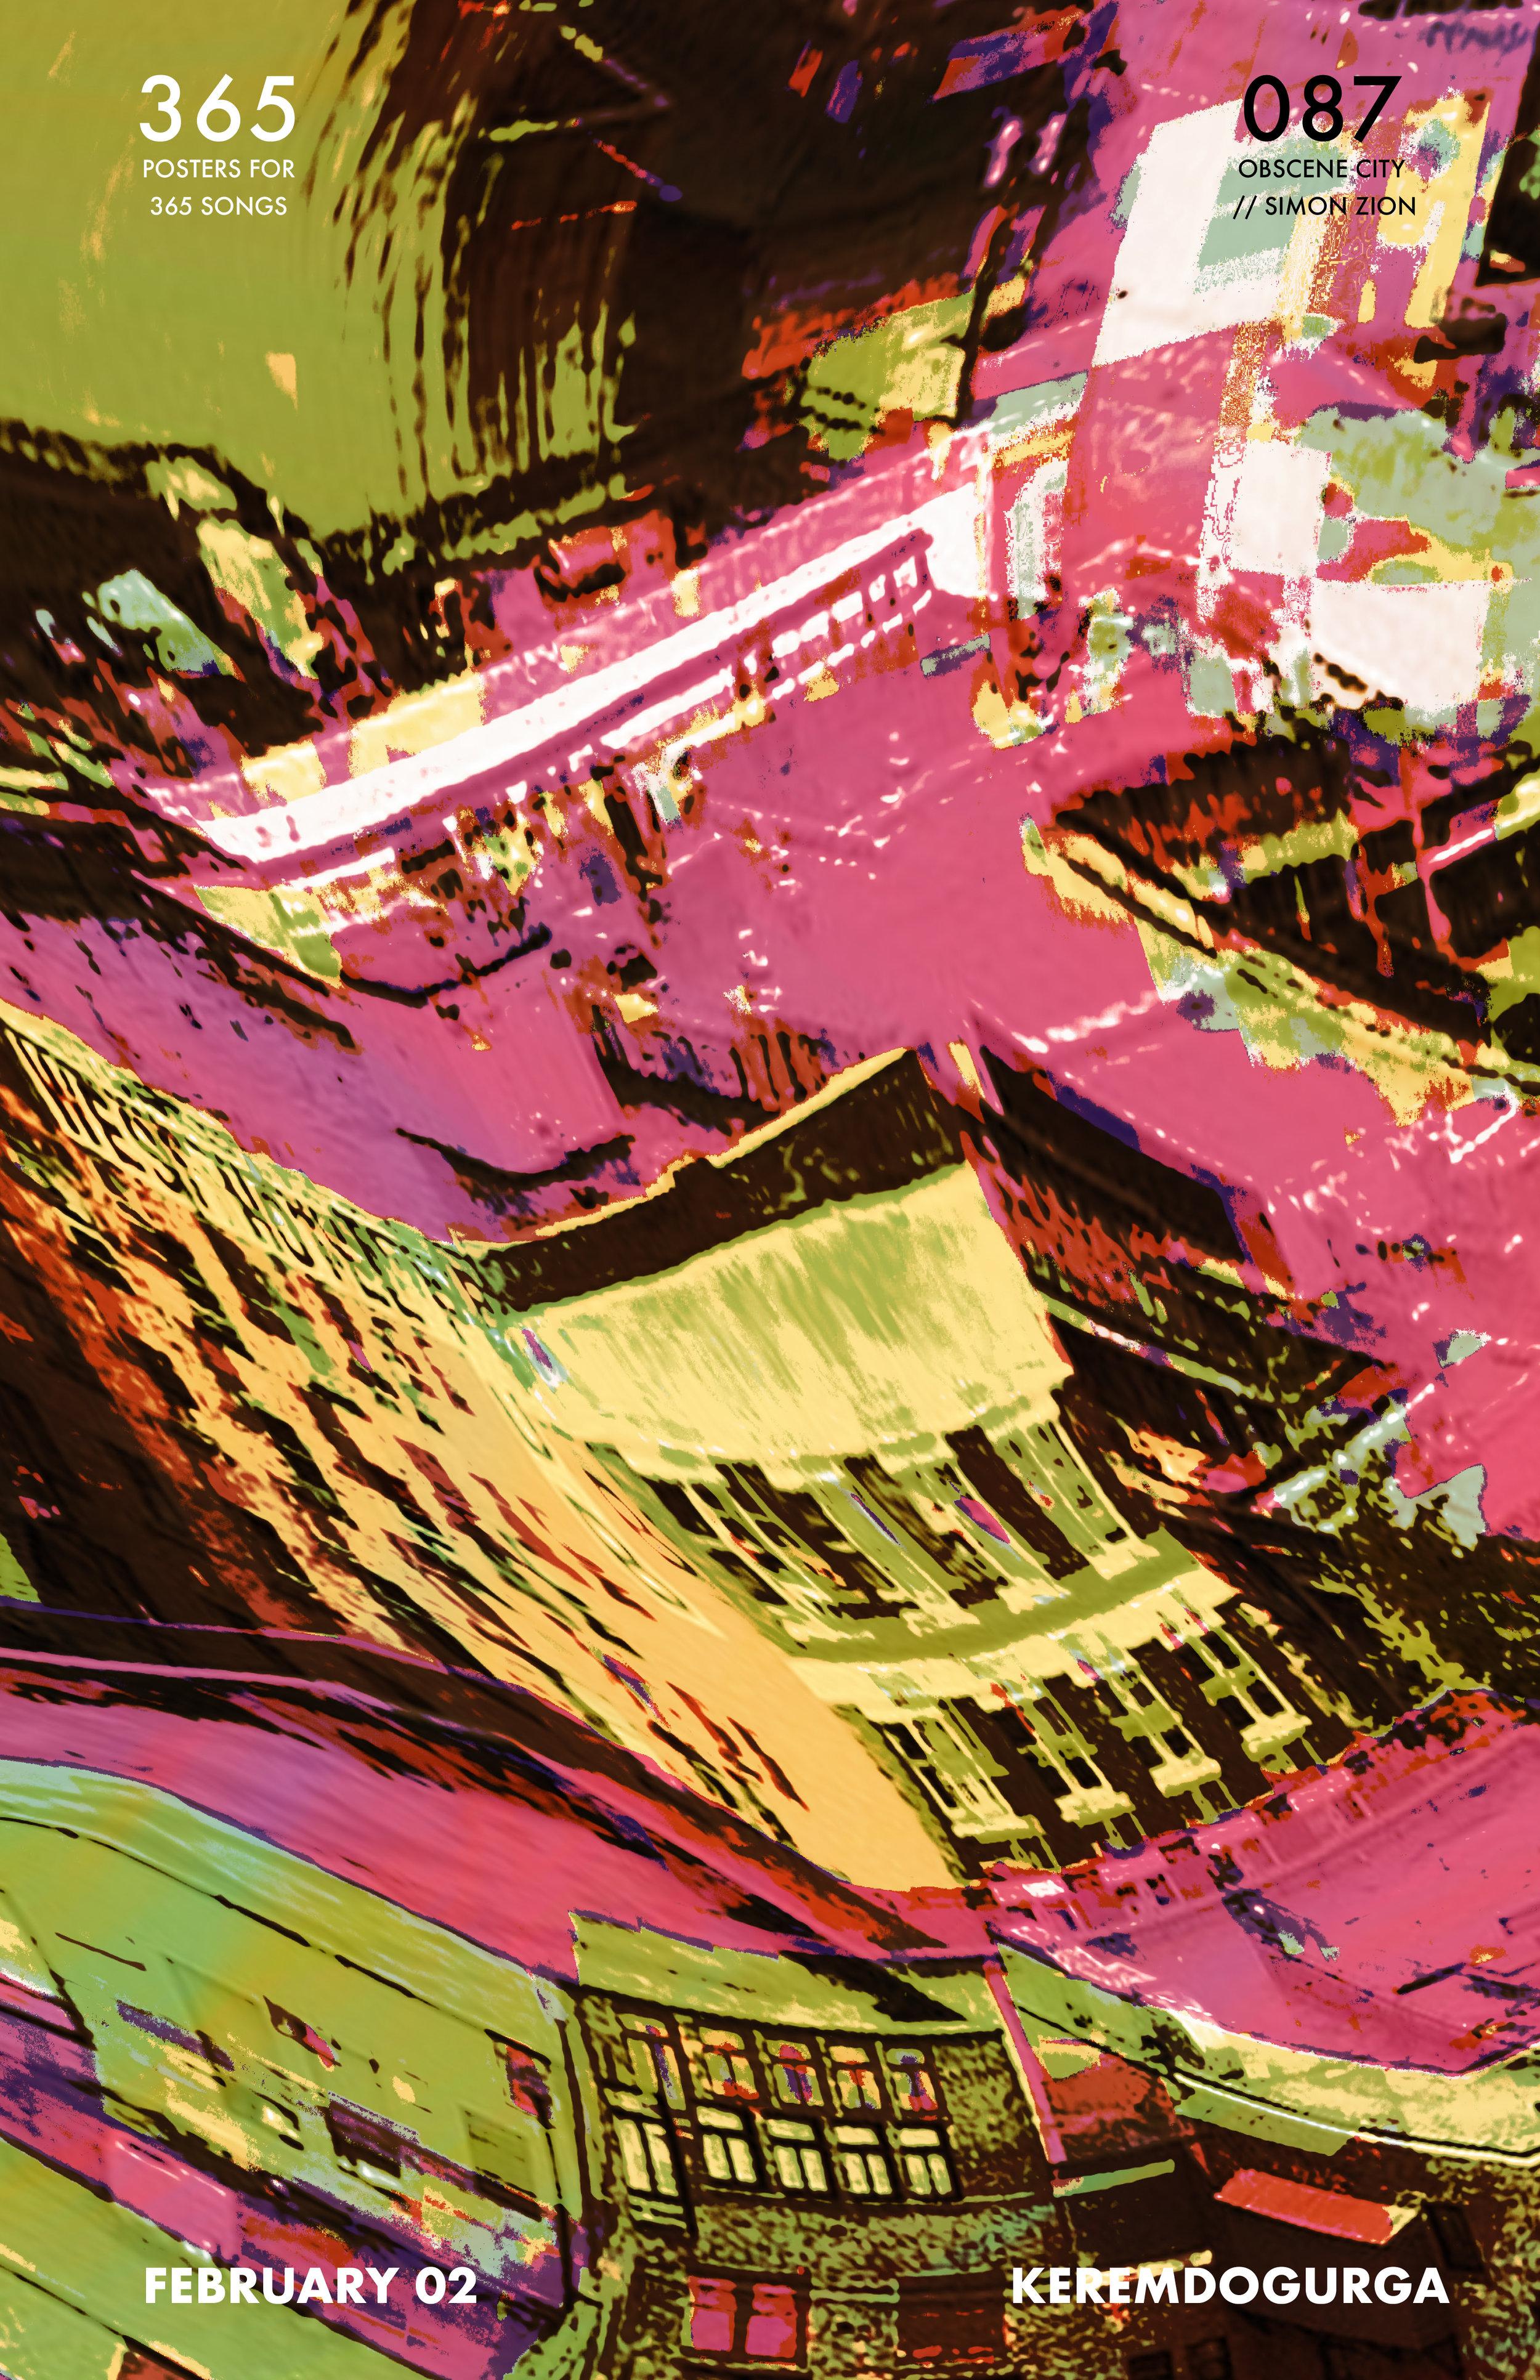 087 Obscene City // Simon Zion